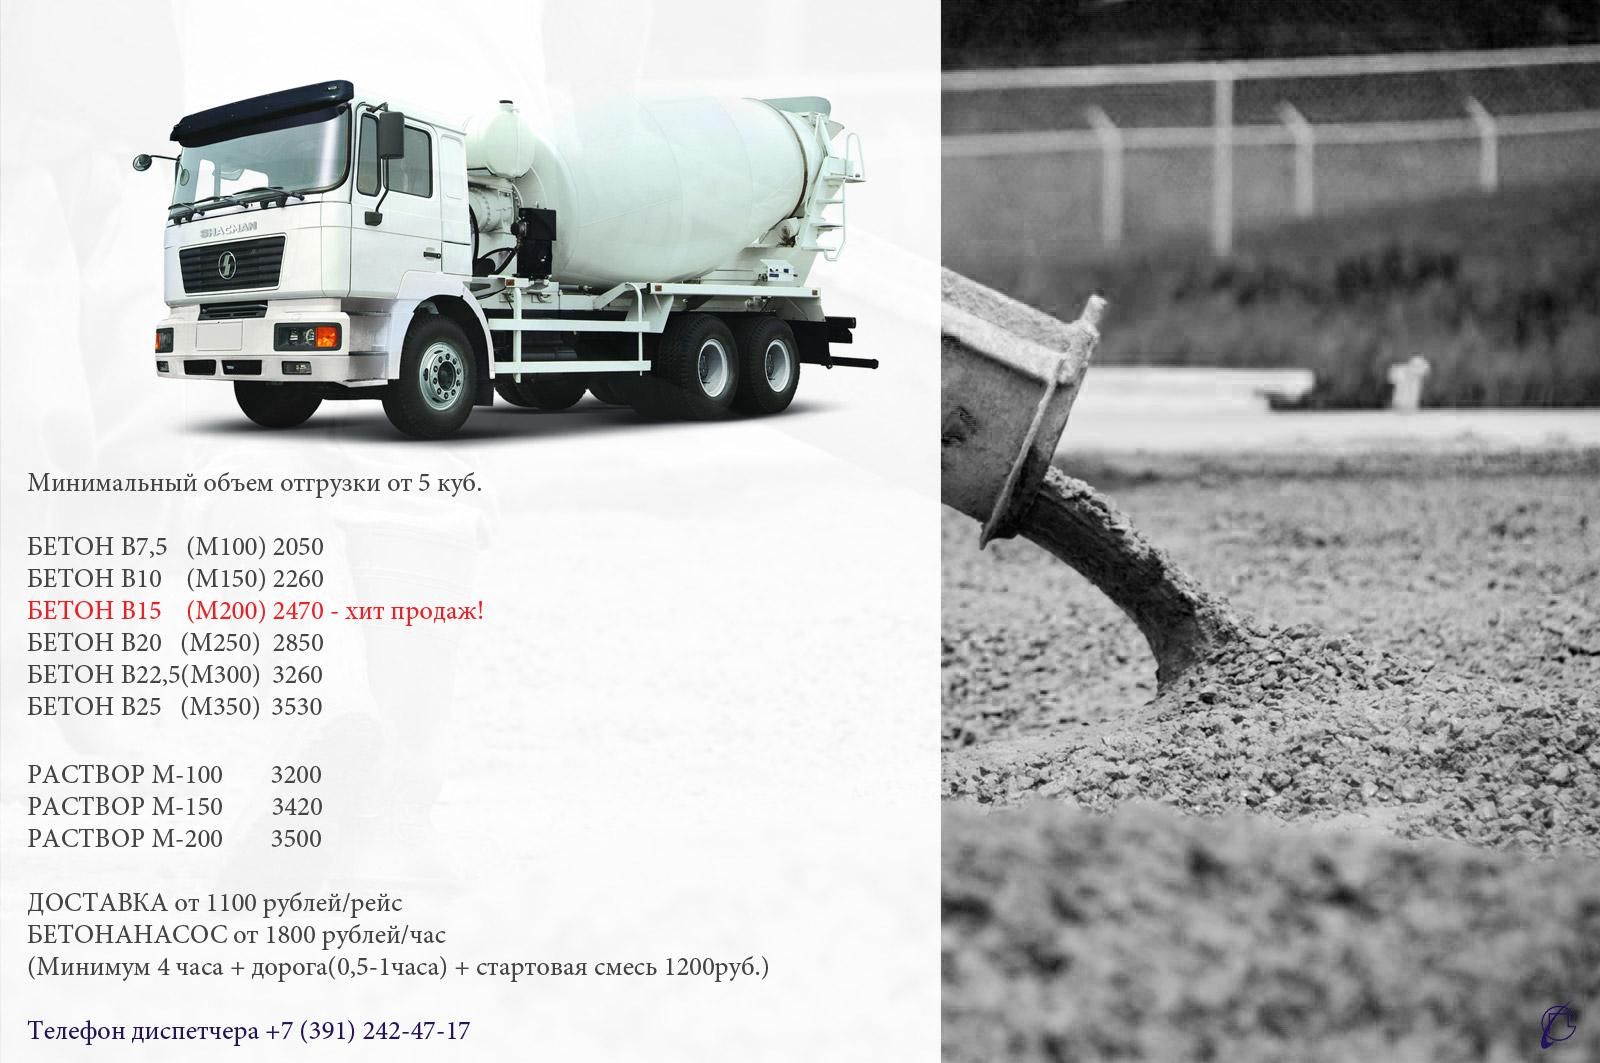 beton-rastvor-dostavka-betonanosos